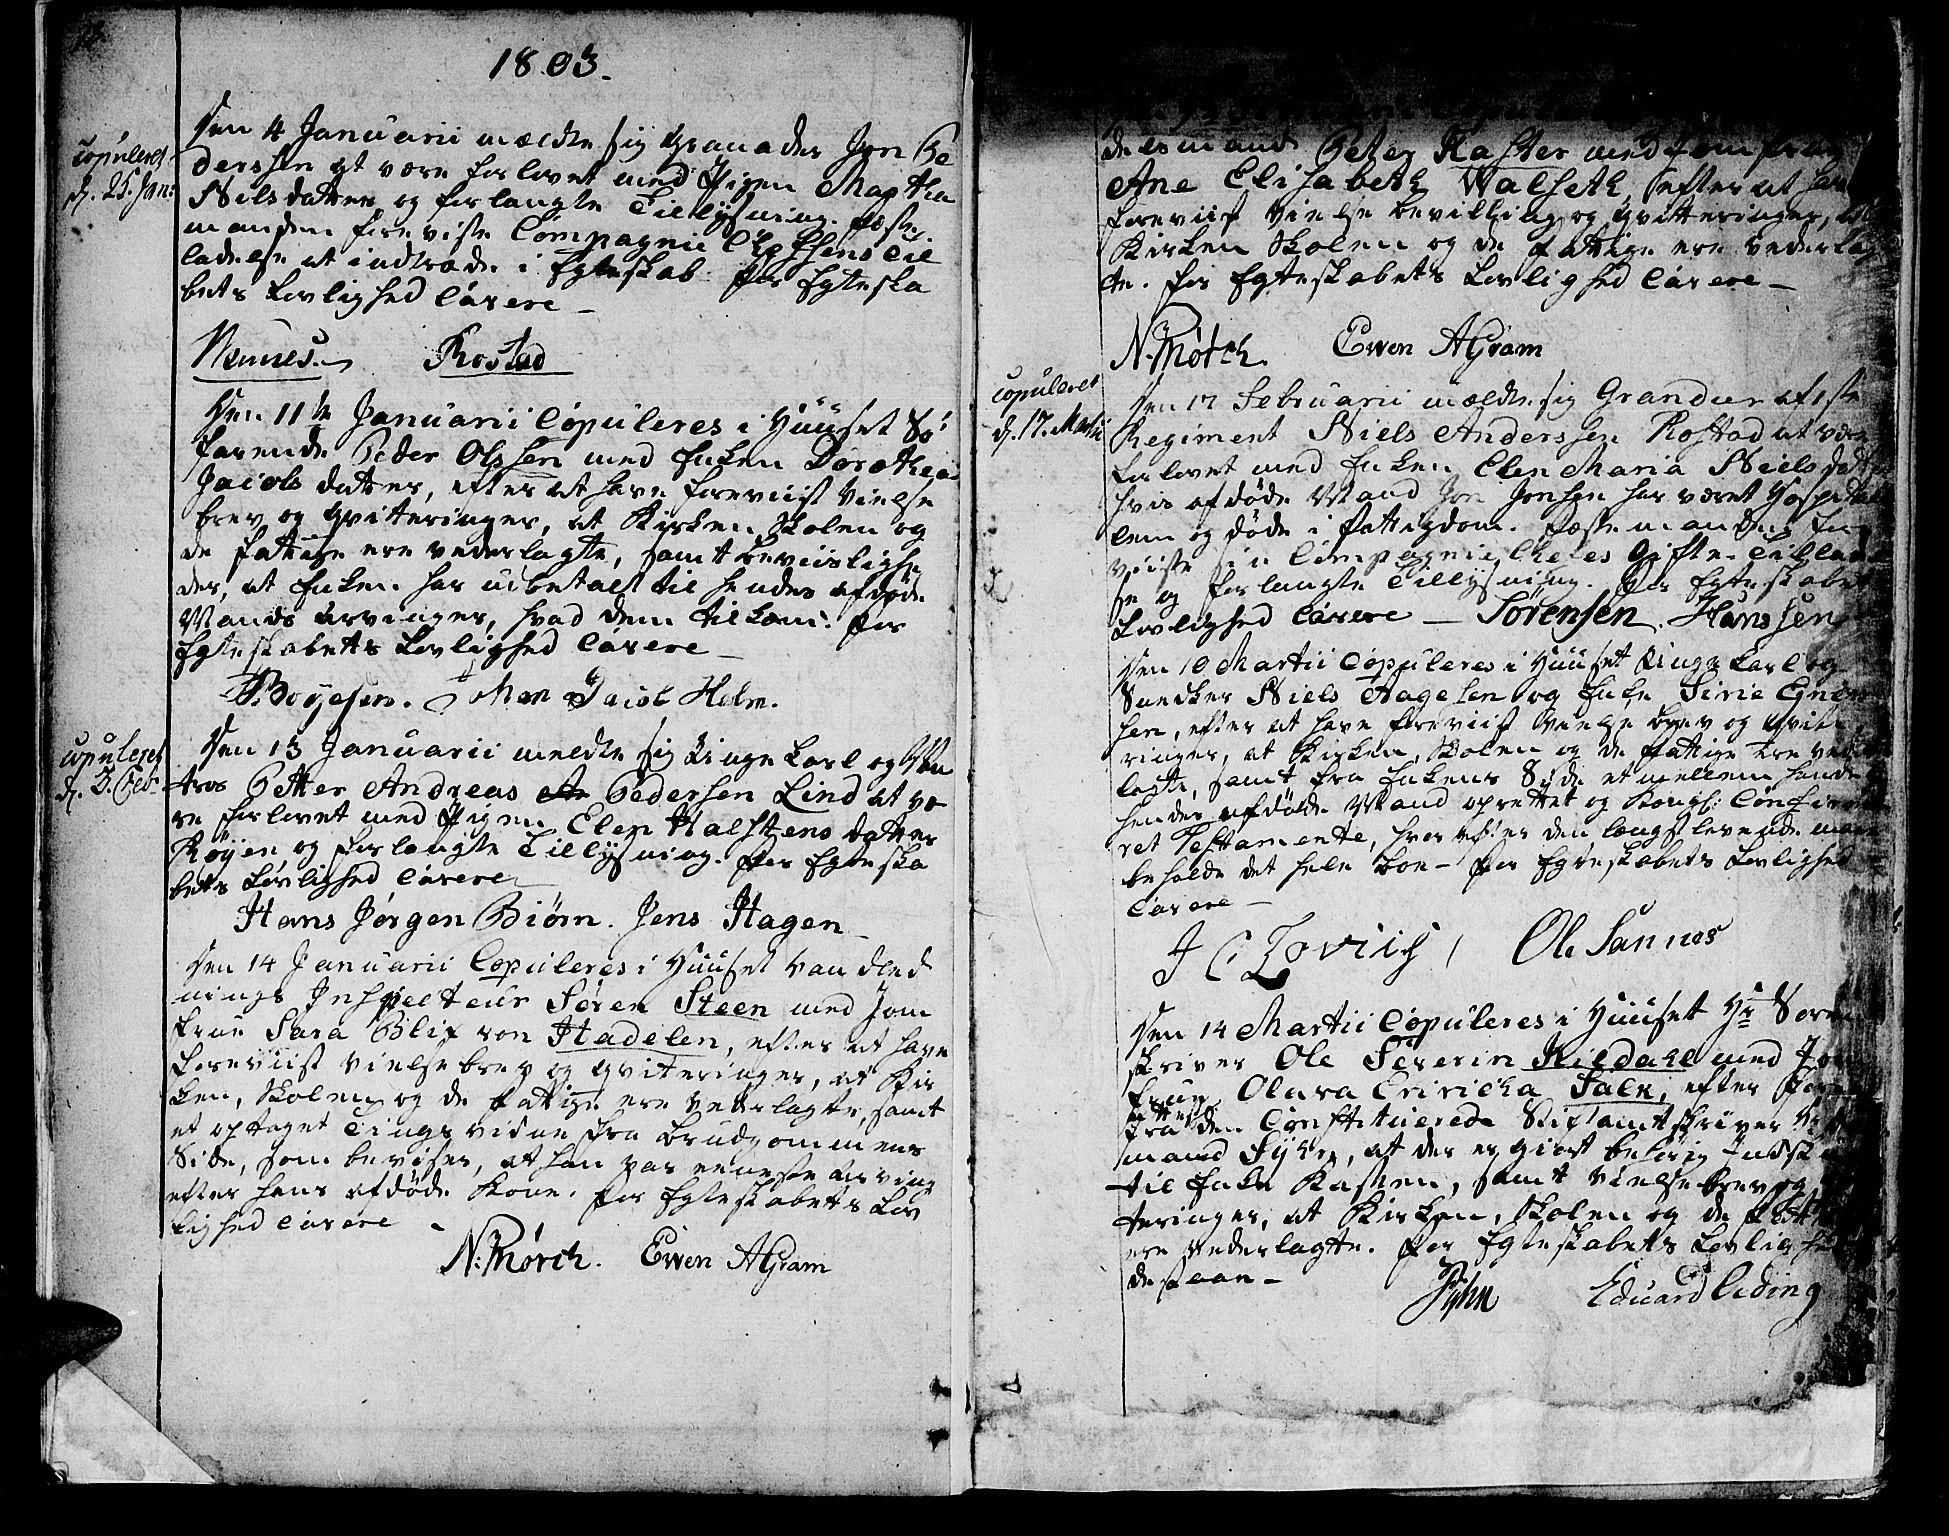 SAT, Ministerialprotokoller, klokkerbøker og fødselsregistre - Sør-Trøndelag, 601/L0042: Ministerialbok nr. 601A10, 1802-1830, s. 18-19